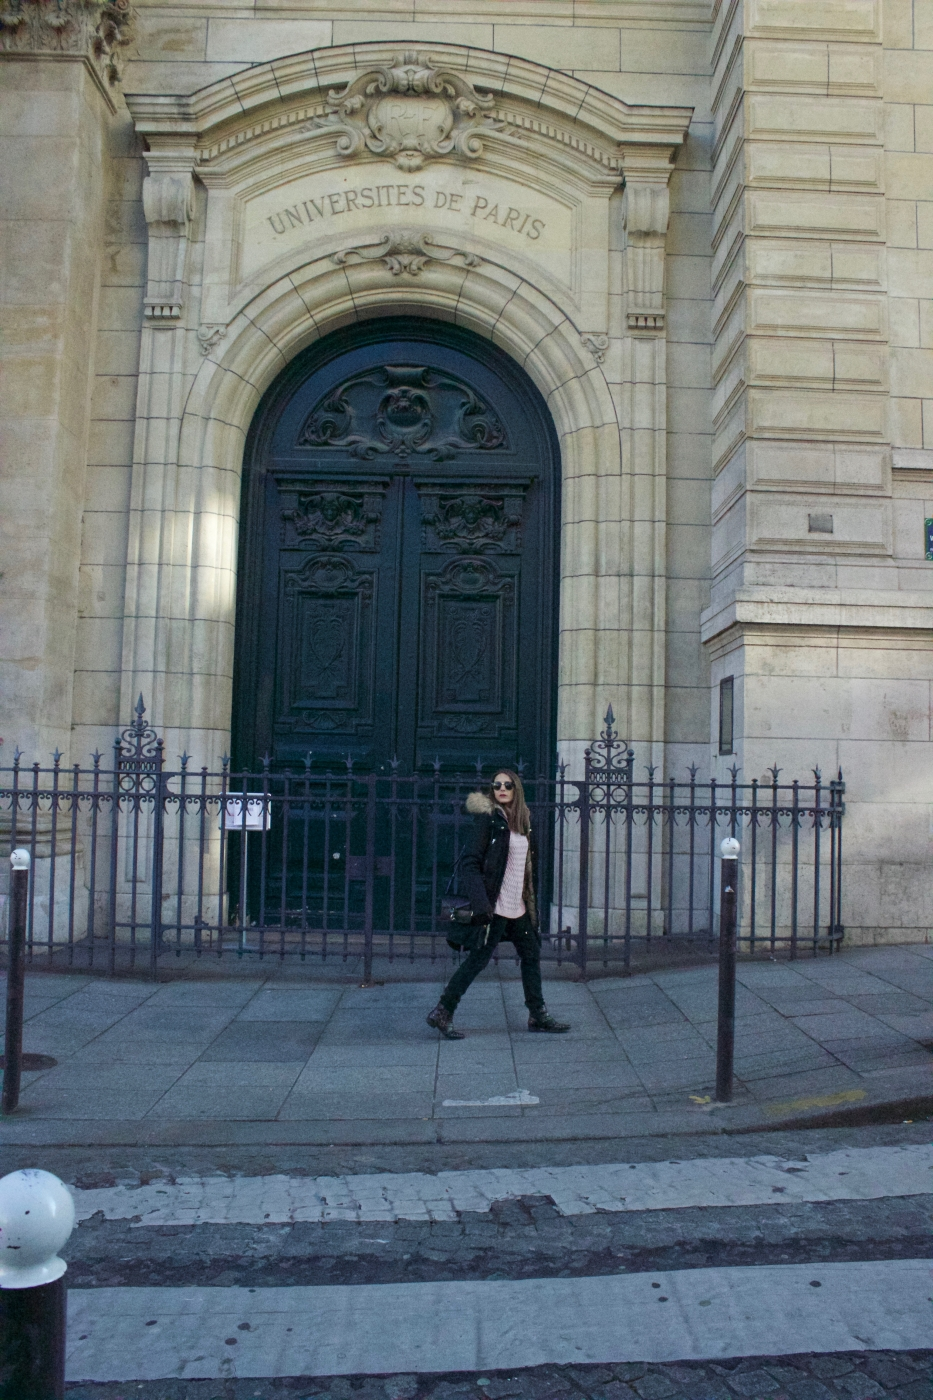 lara-vazquez-madlula-Paris-université-sorbona-look-ootd